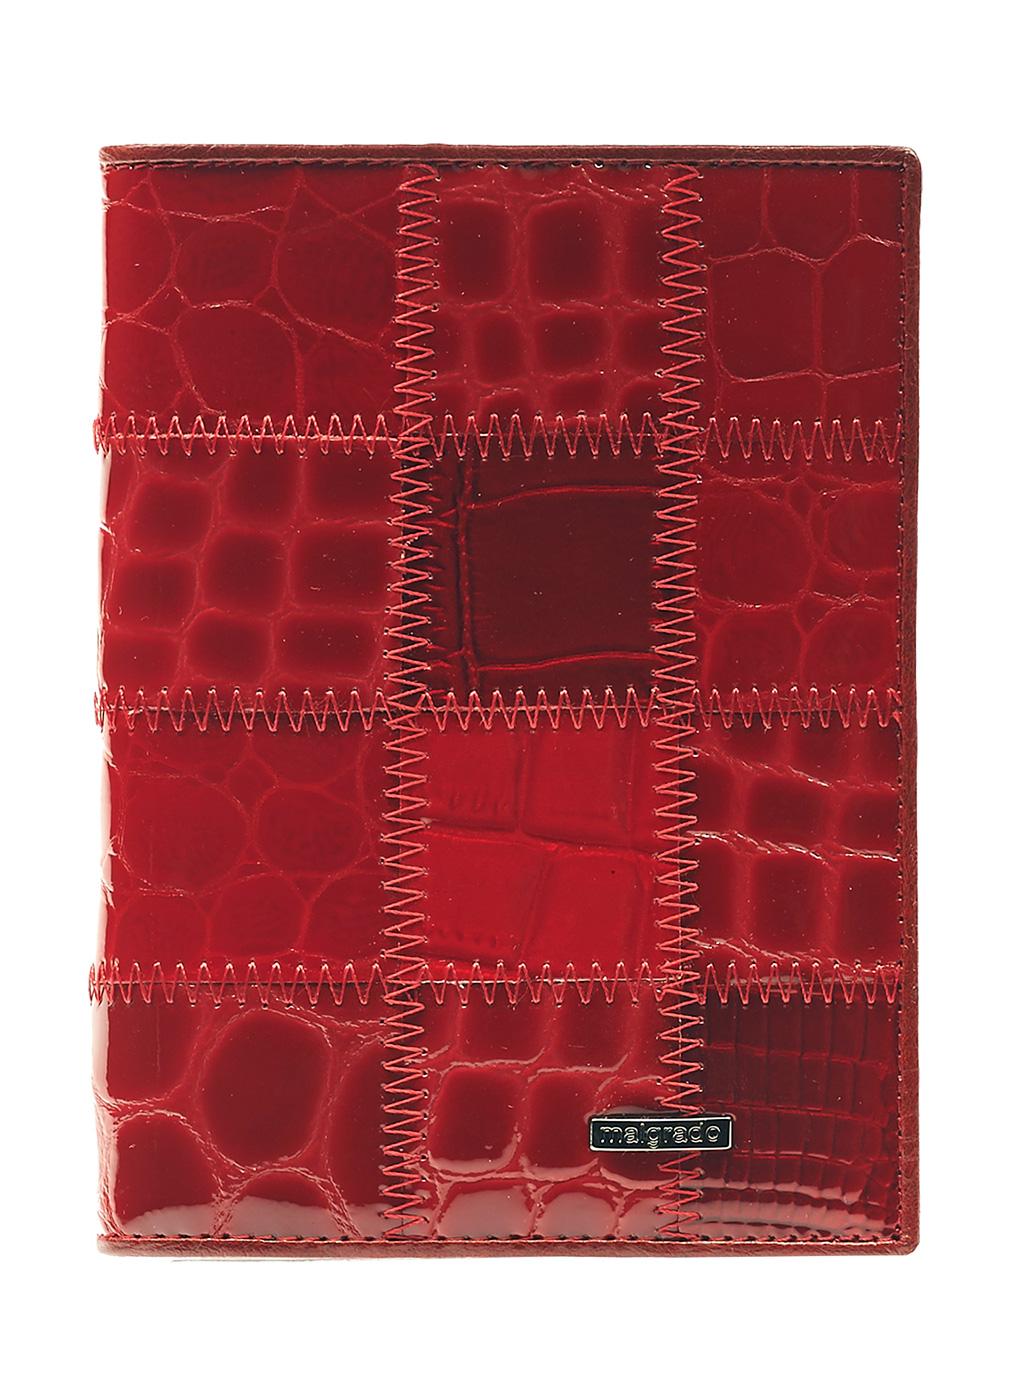 Обложка для паспорта 05, Malgrado фото